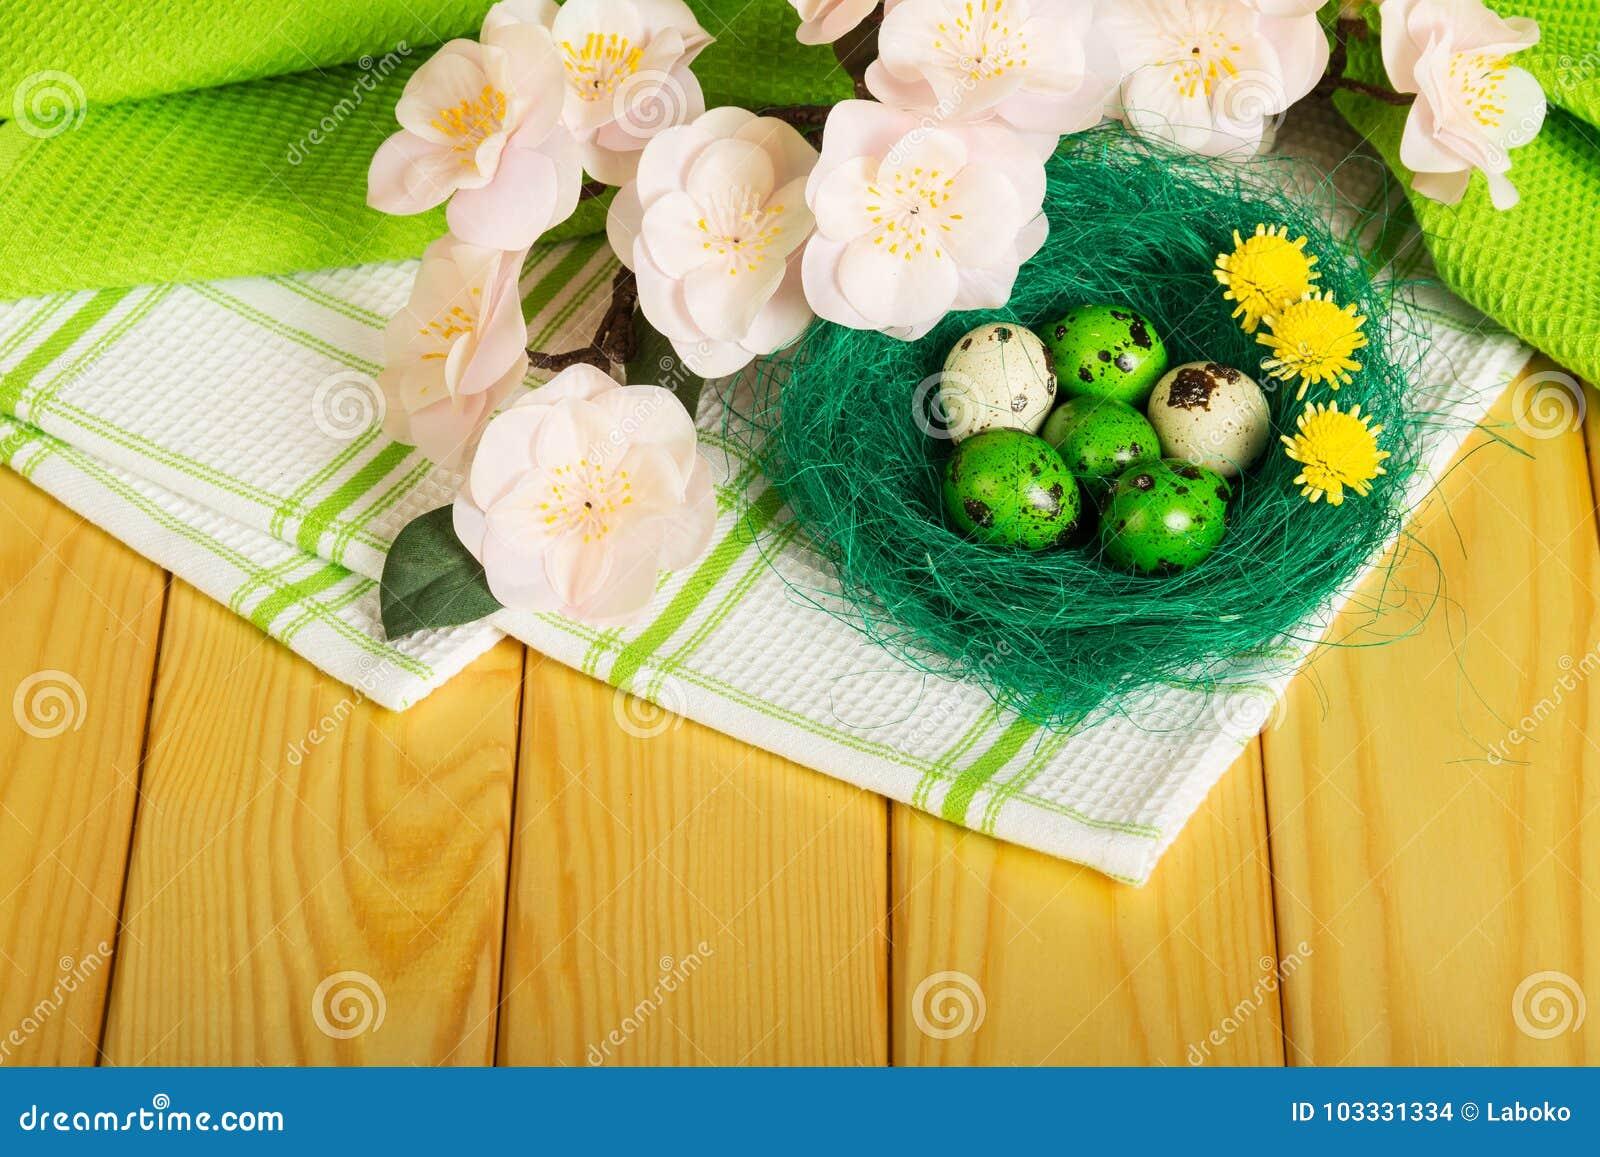 Ostereier im Nest, Blumen auf Tuch und Lichtbaum